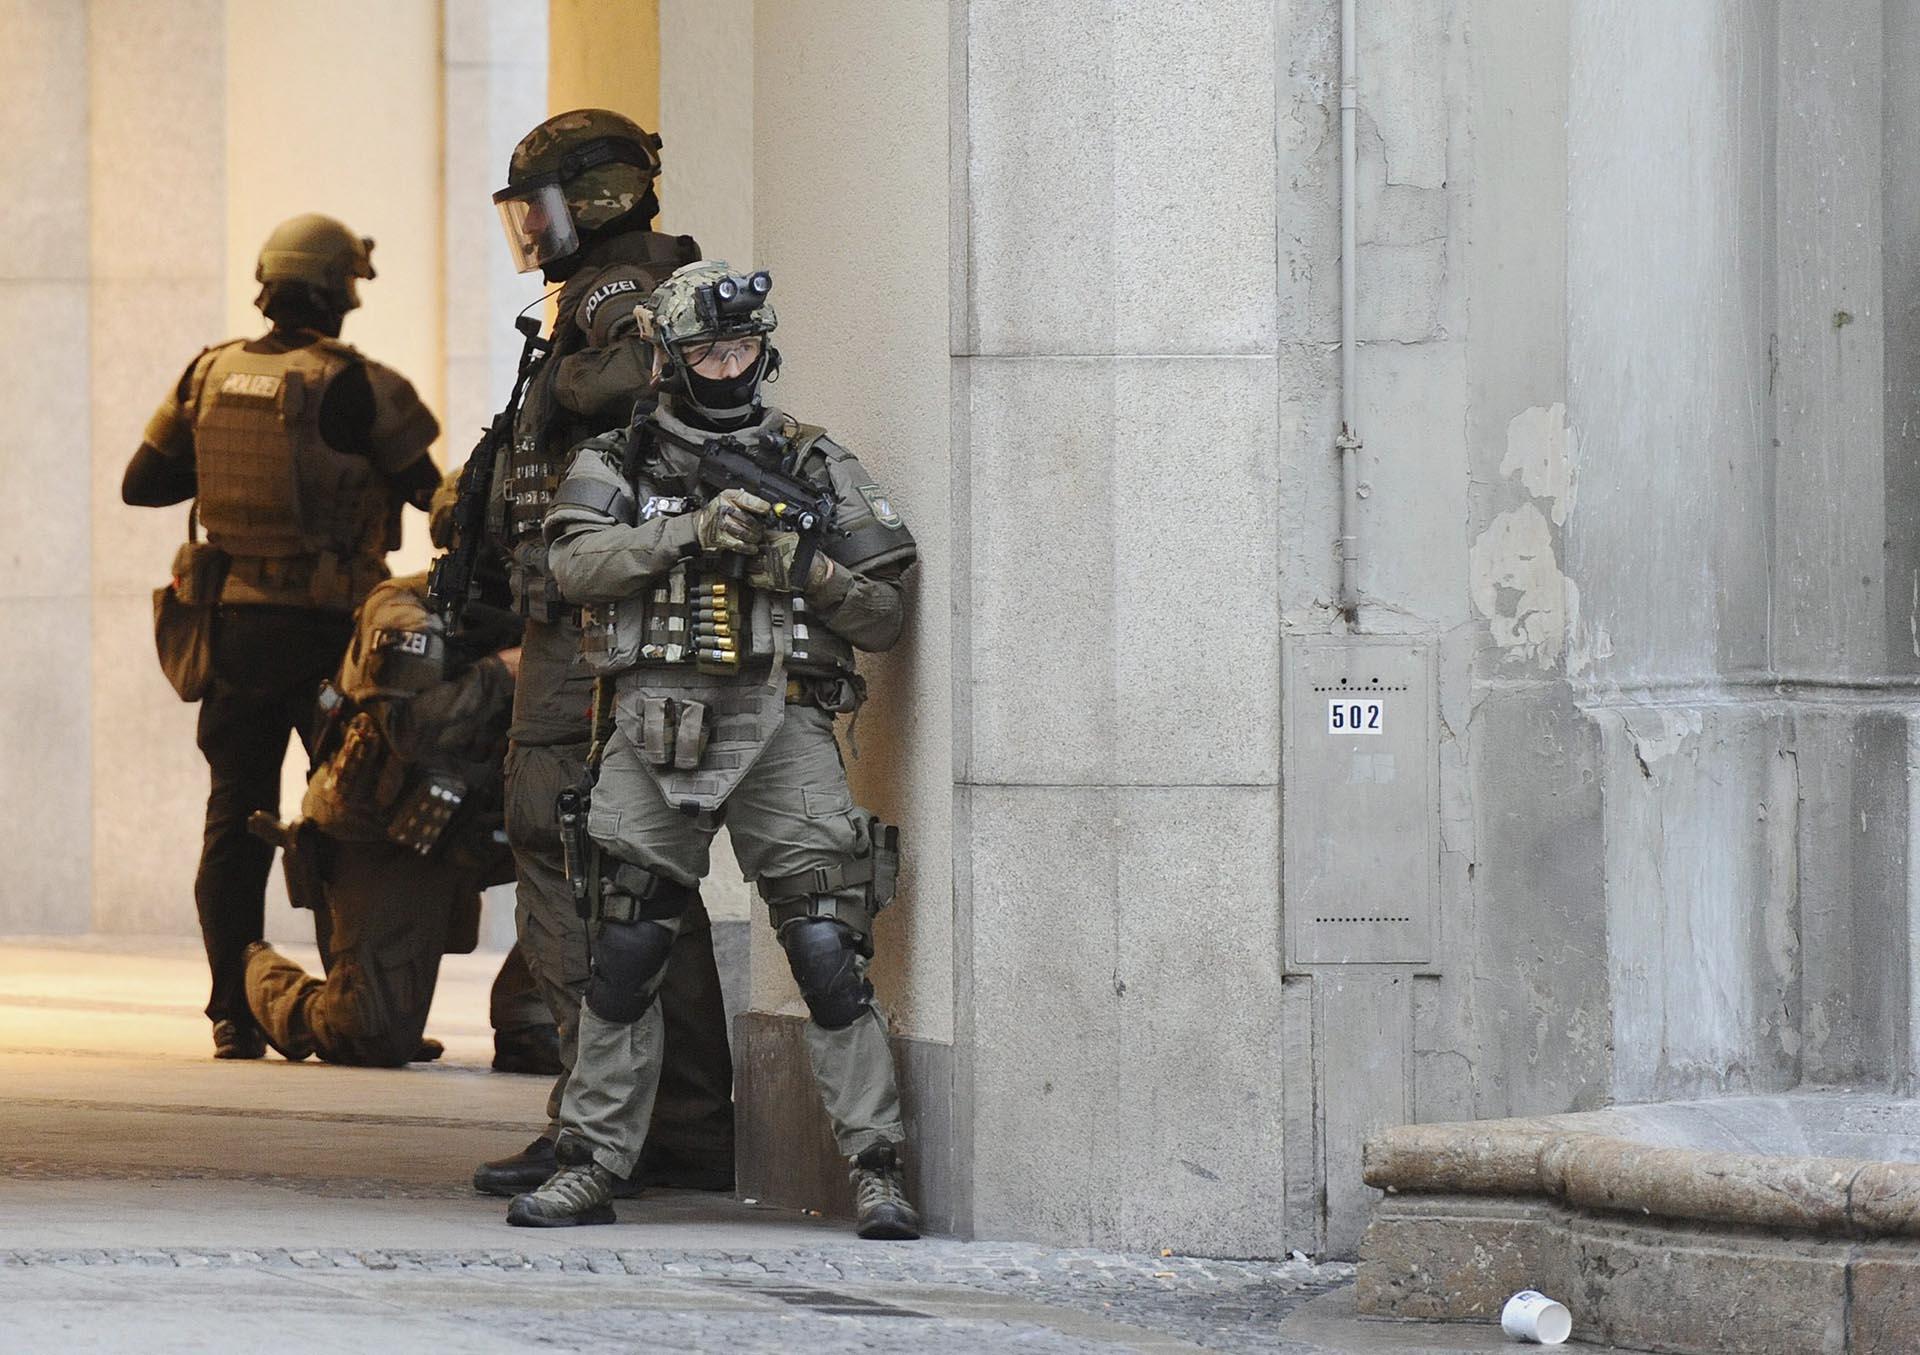 """LUS16 MÚNICH (ALEMANIA) 22/07/2016.- Policías de las Fuerzas Especiales aseguran el exterior del hotel Stachus tras el tiroteo registrado en un centro comercial en Múnich, Alemania hoy, 22 de julio de 2016. Varias personas han muerto y otras han resultado heridas hoy en un tiroteo registrado en un centro comercial de Múnich (sur de Alemania), según informa el diario """"Süddeustche Zeitung"""" citando fuentes policiales, que hablan de un solo atacante. EFE/ANDREAS GEBERT"""